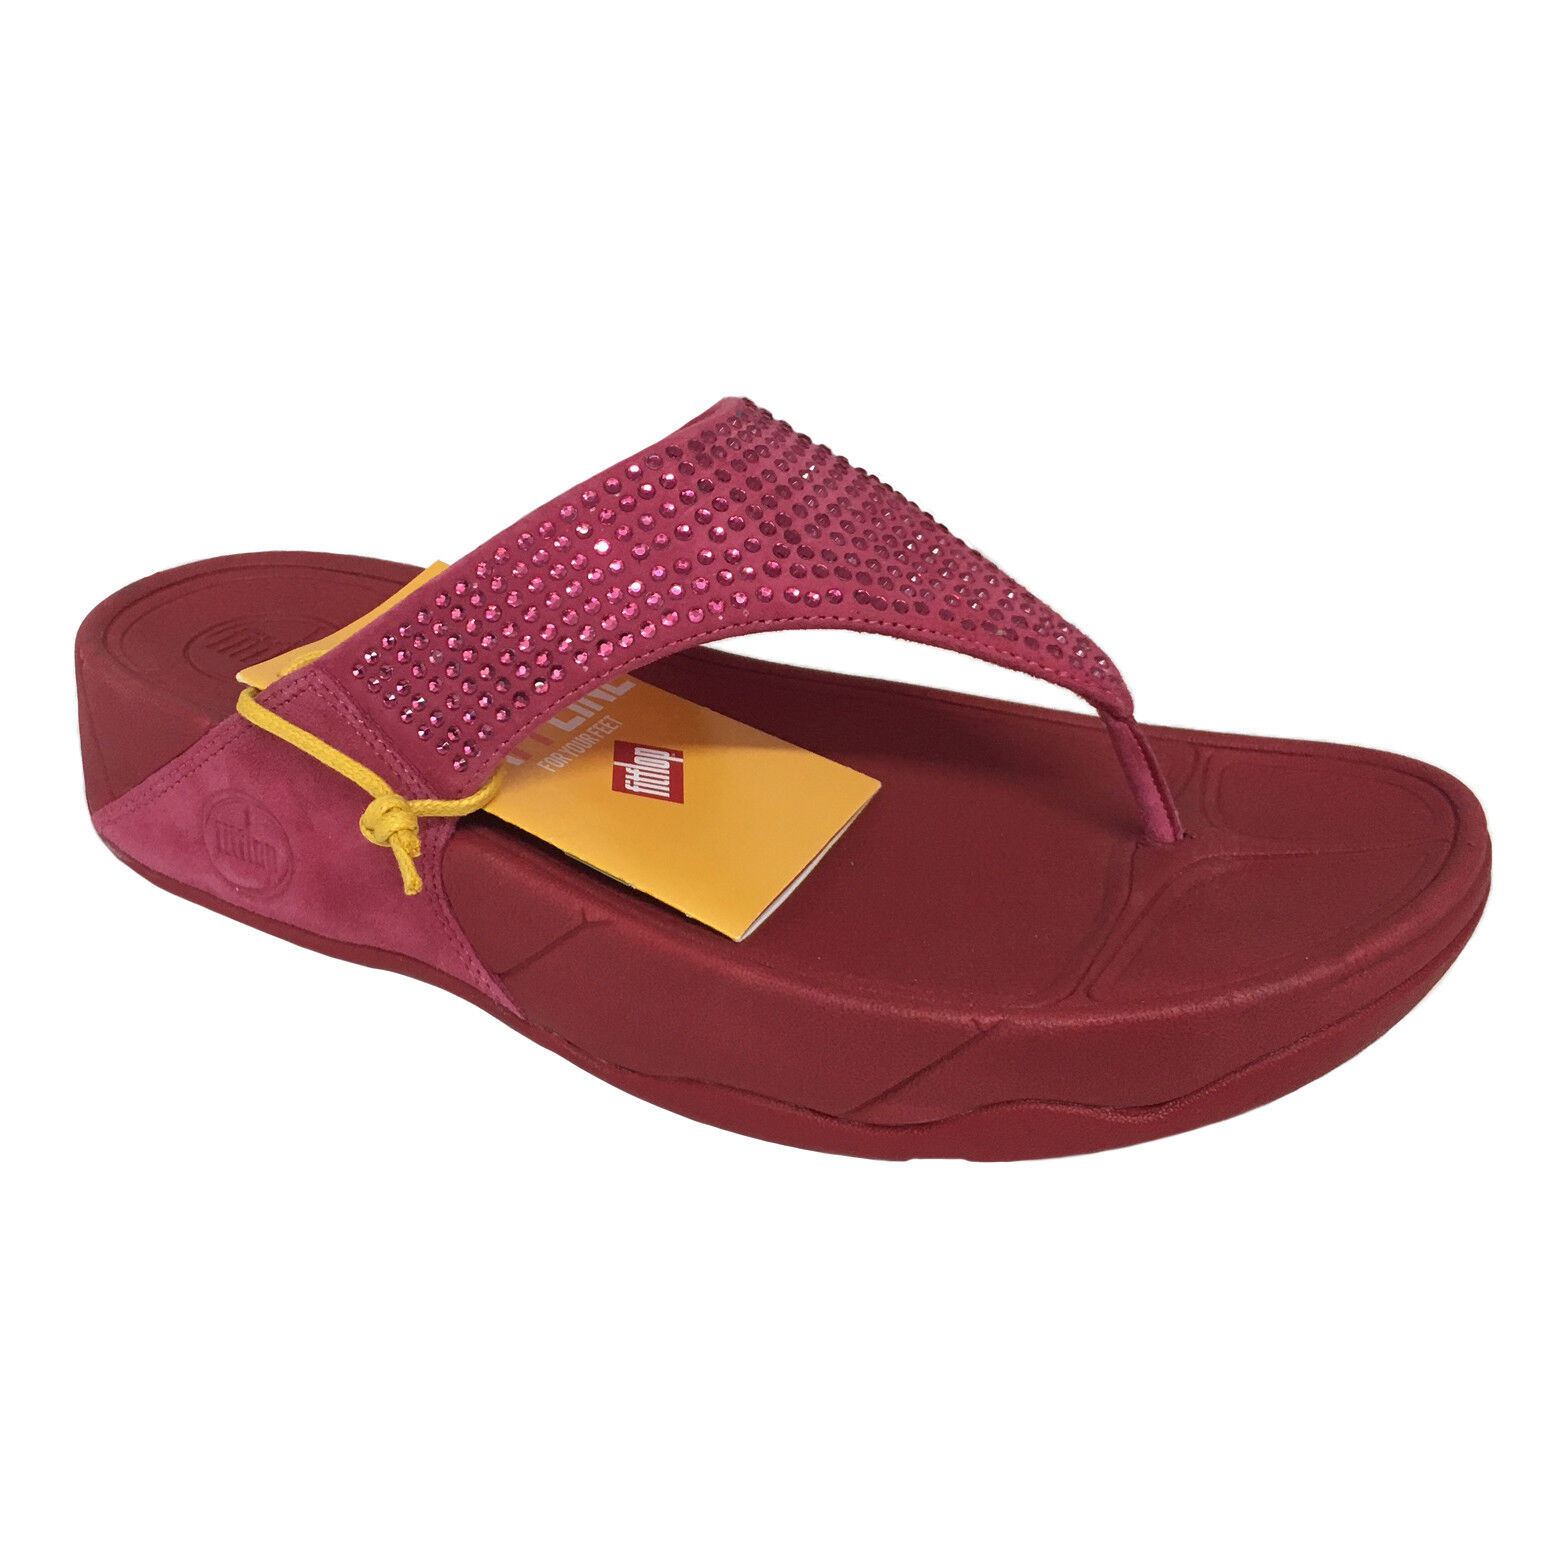 Zapatos casuales salvajes Barato y cómodo FIT FLOP chancletas mujer frambuesa mod 301-093-065 ROKKIT